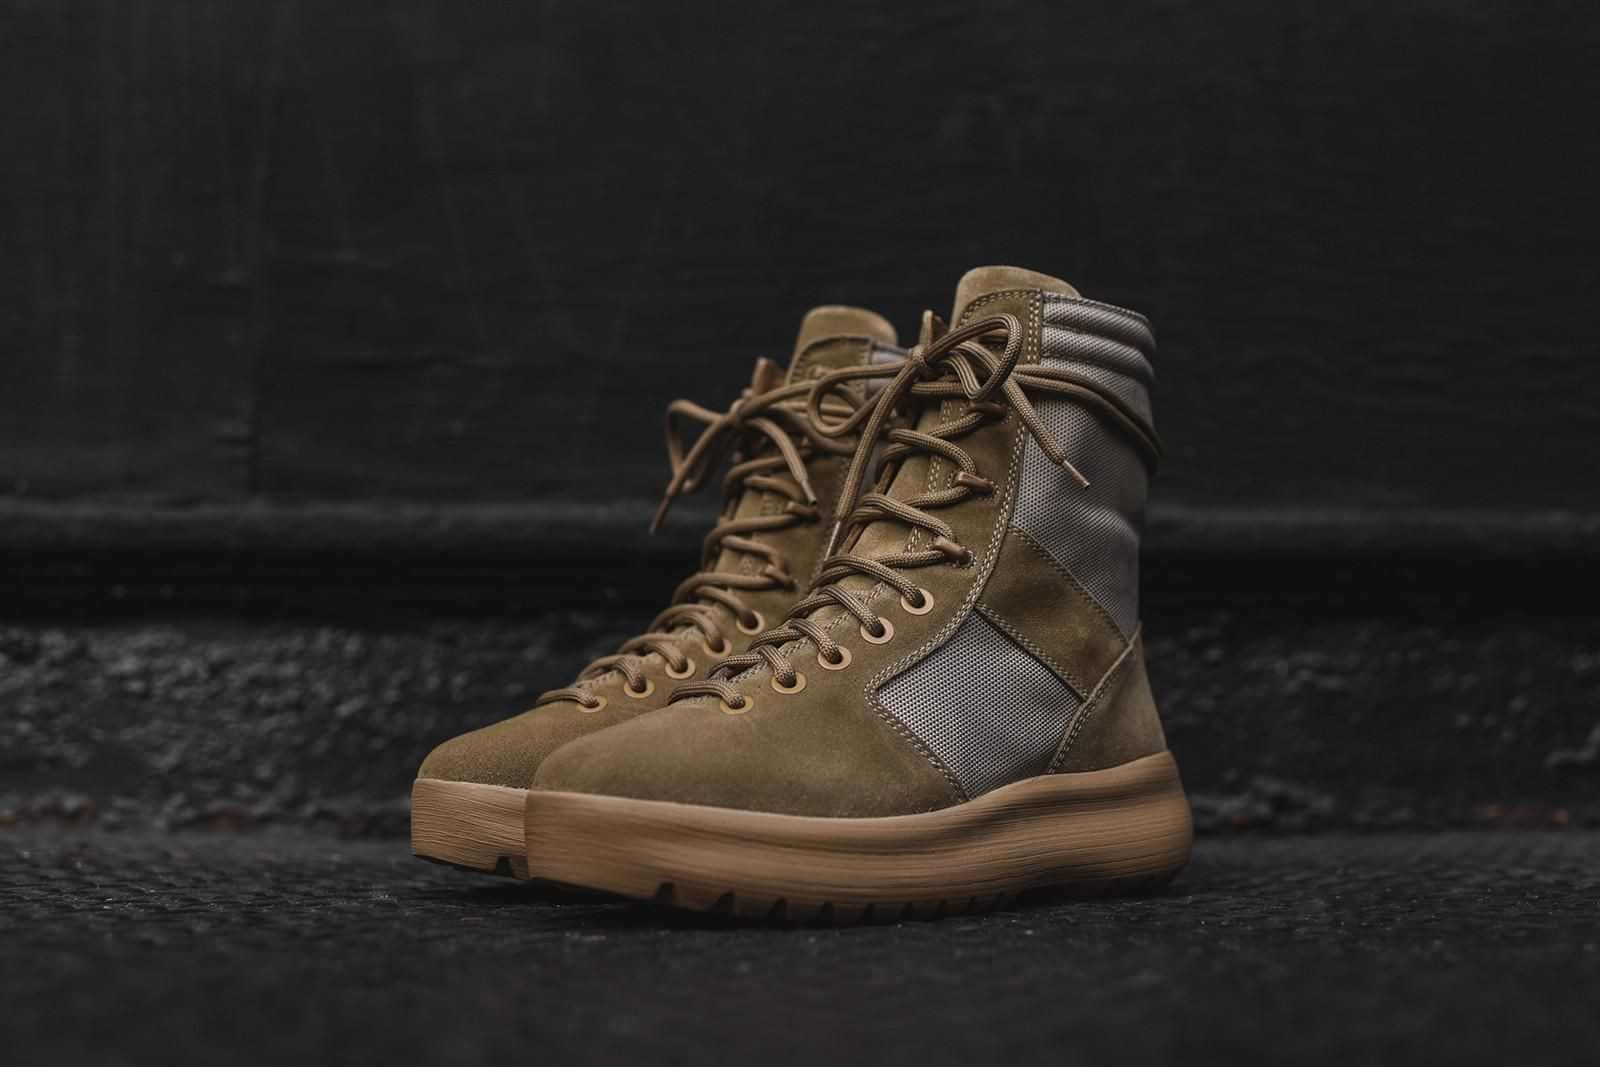 Yeezy Military Boot Footwear Boots Yeezy Yeezy Season 3